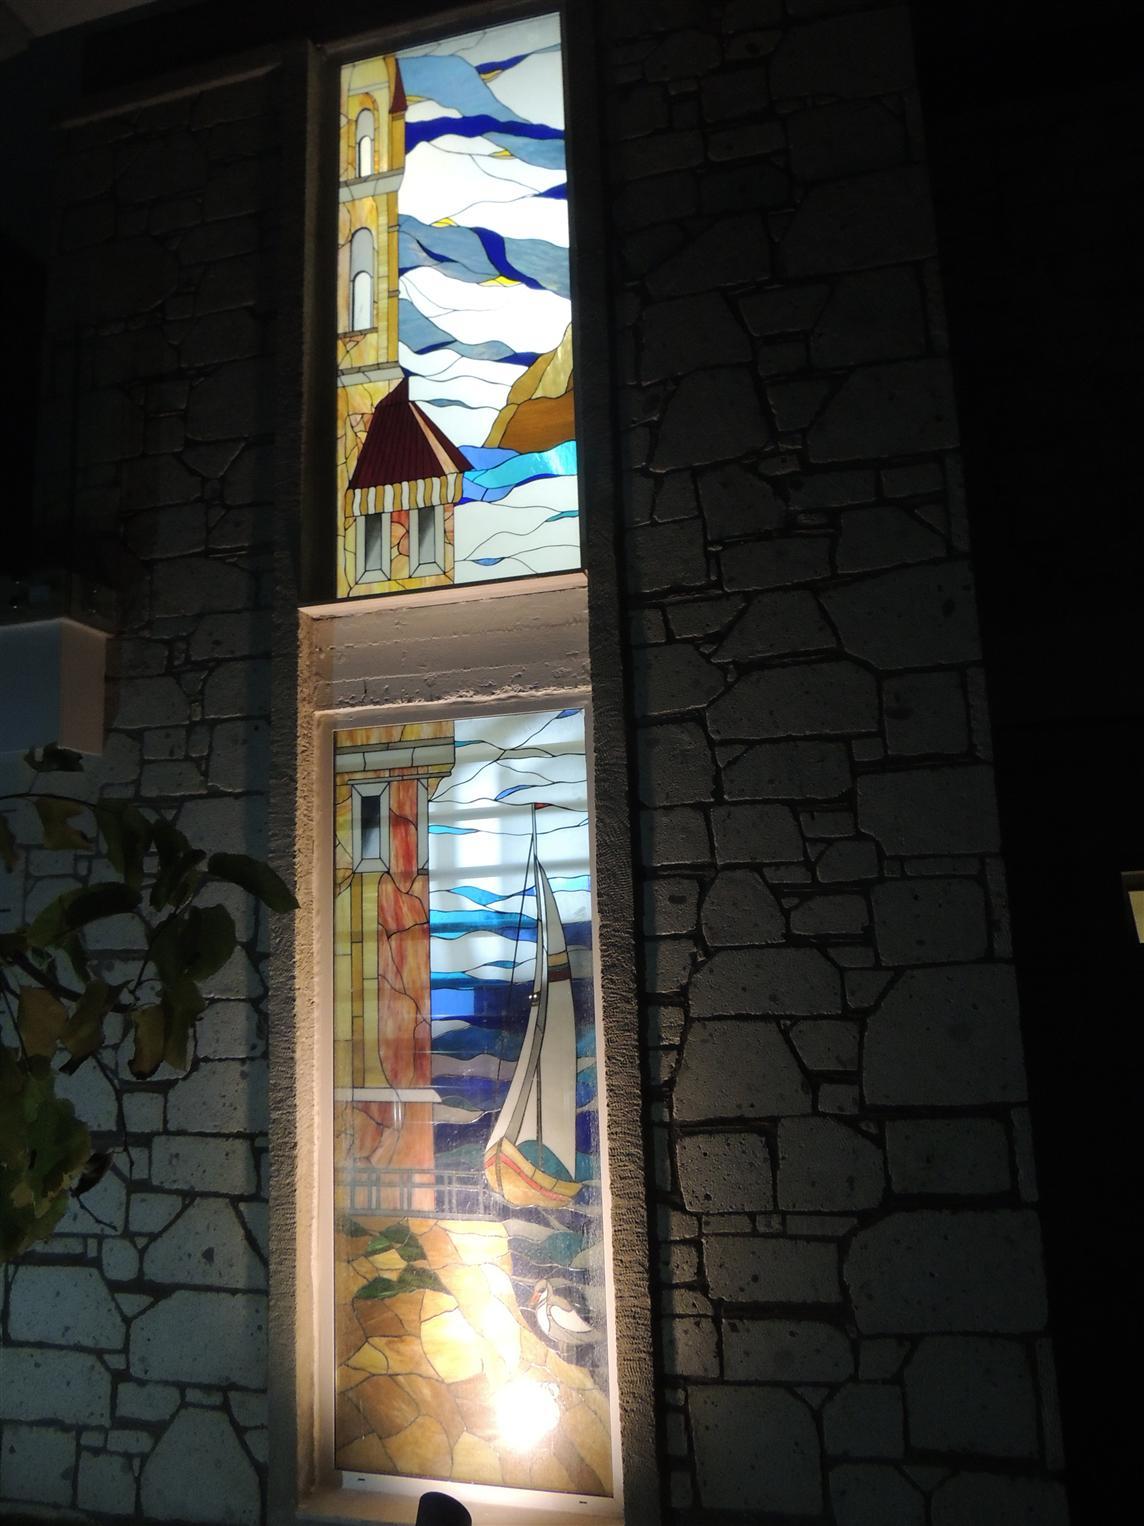 izka-insaat-life-port-evleri2015921164957384.jpg izmir vitray çalışması